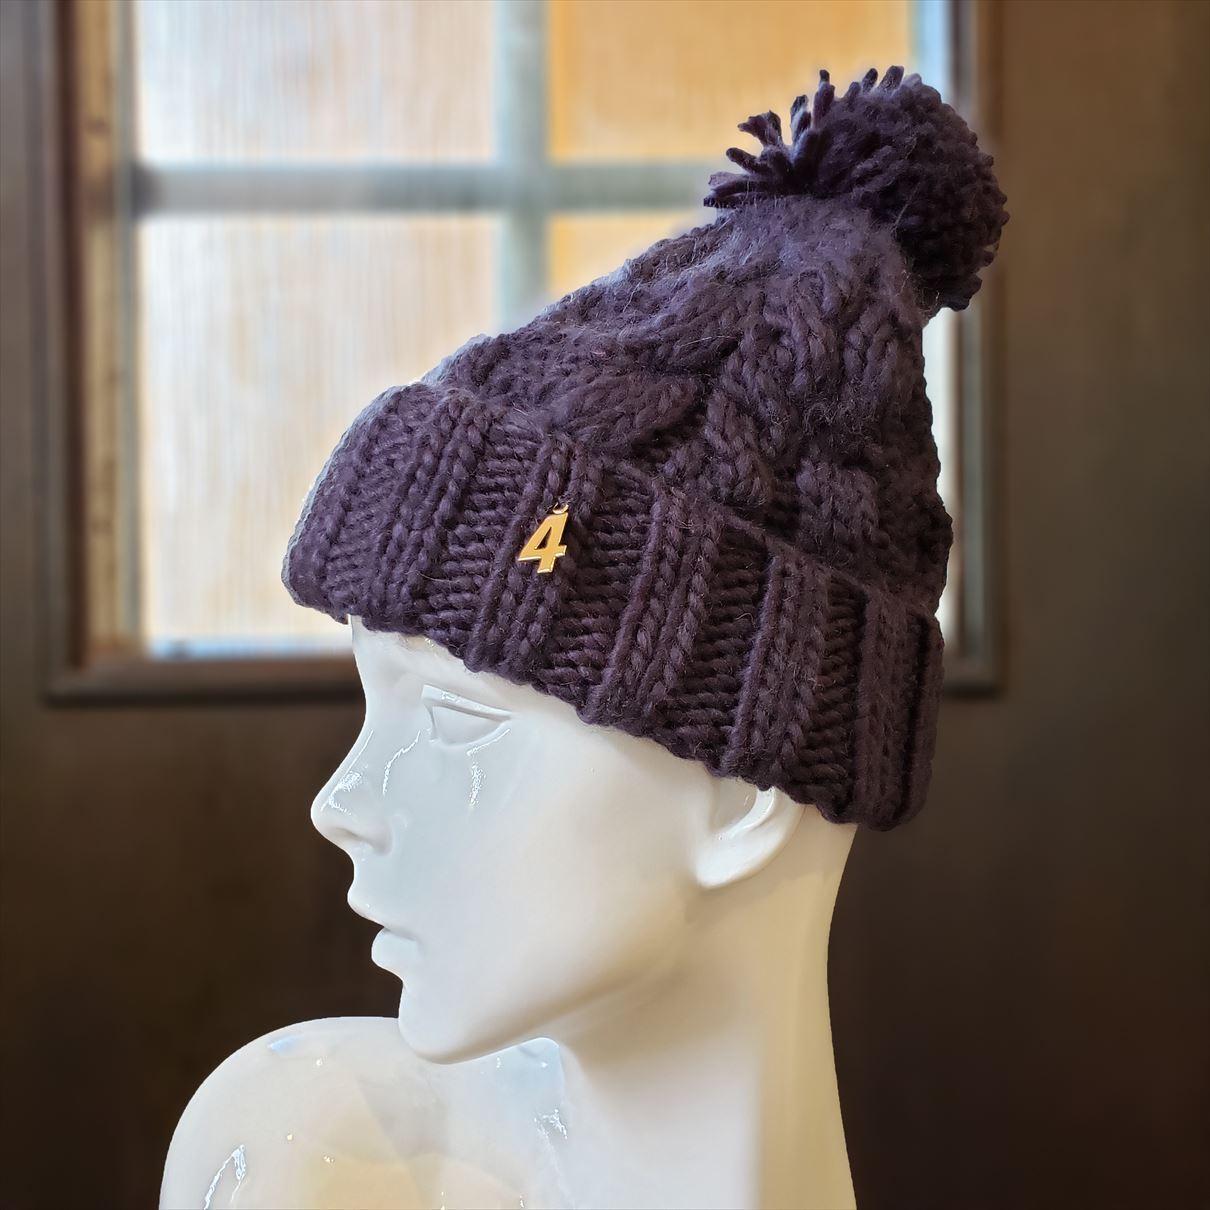 ナンバーニット帽(ネイビー)